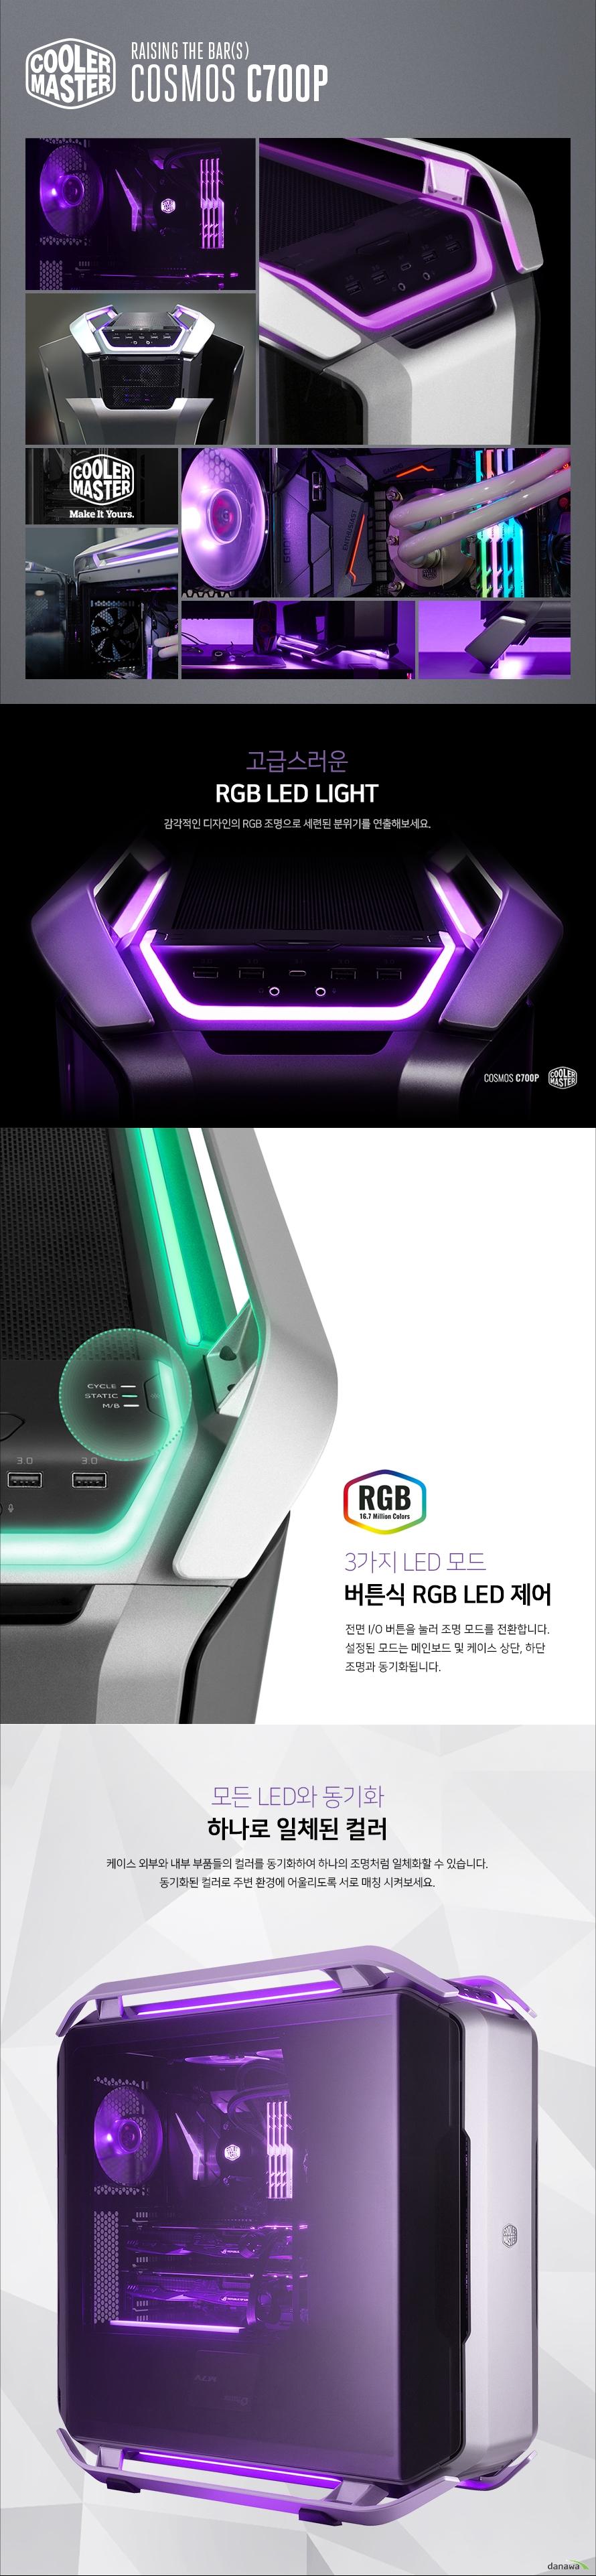 고급스러운RGB LED LIGHT감각적인 디자인의 RGB 조명으로 세련된 분위기를 연출해보세요. 3가지 LED 모드버튼식 RGB LED 제어전면 I/O 버튼을 눌러 조명 모드를 전환합니다.설정된 모드는 메인보드 및 케이스 상단, 하단조명과 동기화됩니다. 모든 LED와 동기화하나로 일체된 컬러케이스 외부와 내부 부품들의 컬러를 동기화하여 하나의 조명처럼 일체화할 수 있습니다.동기화된 컬러로 주변 환경에 어울리도록 서로 매칭 시켜보세요.